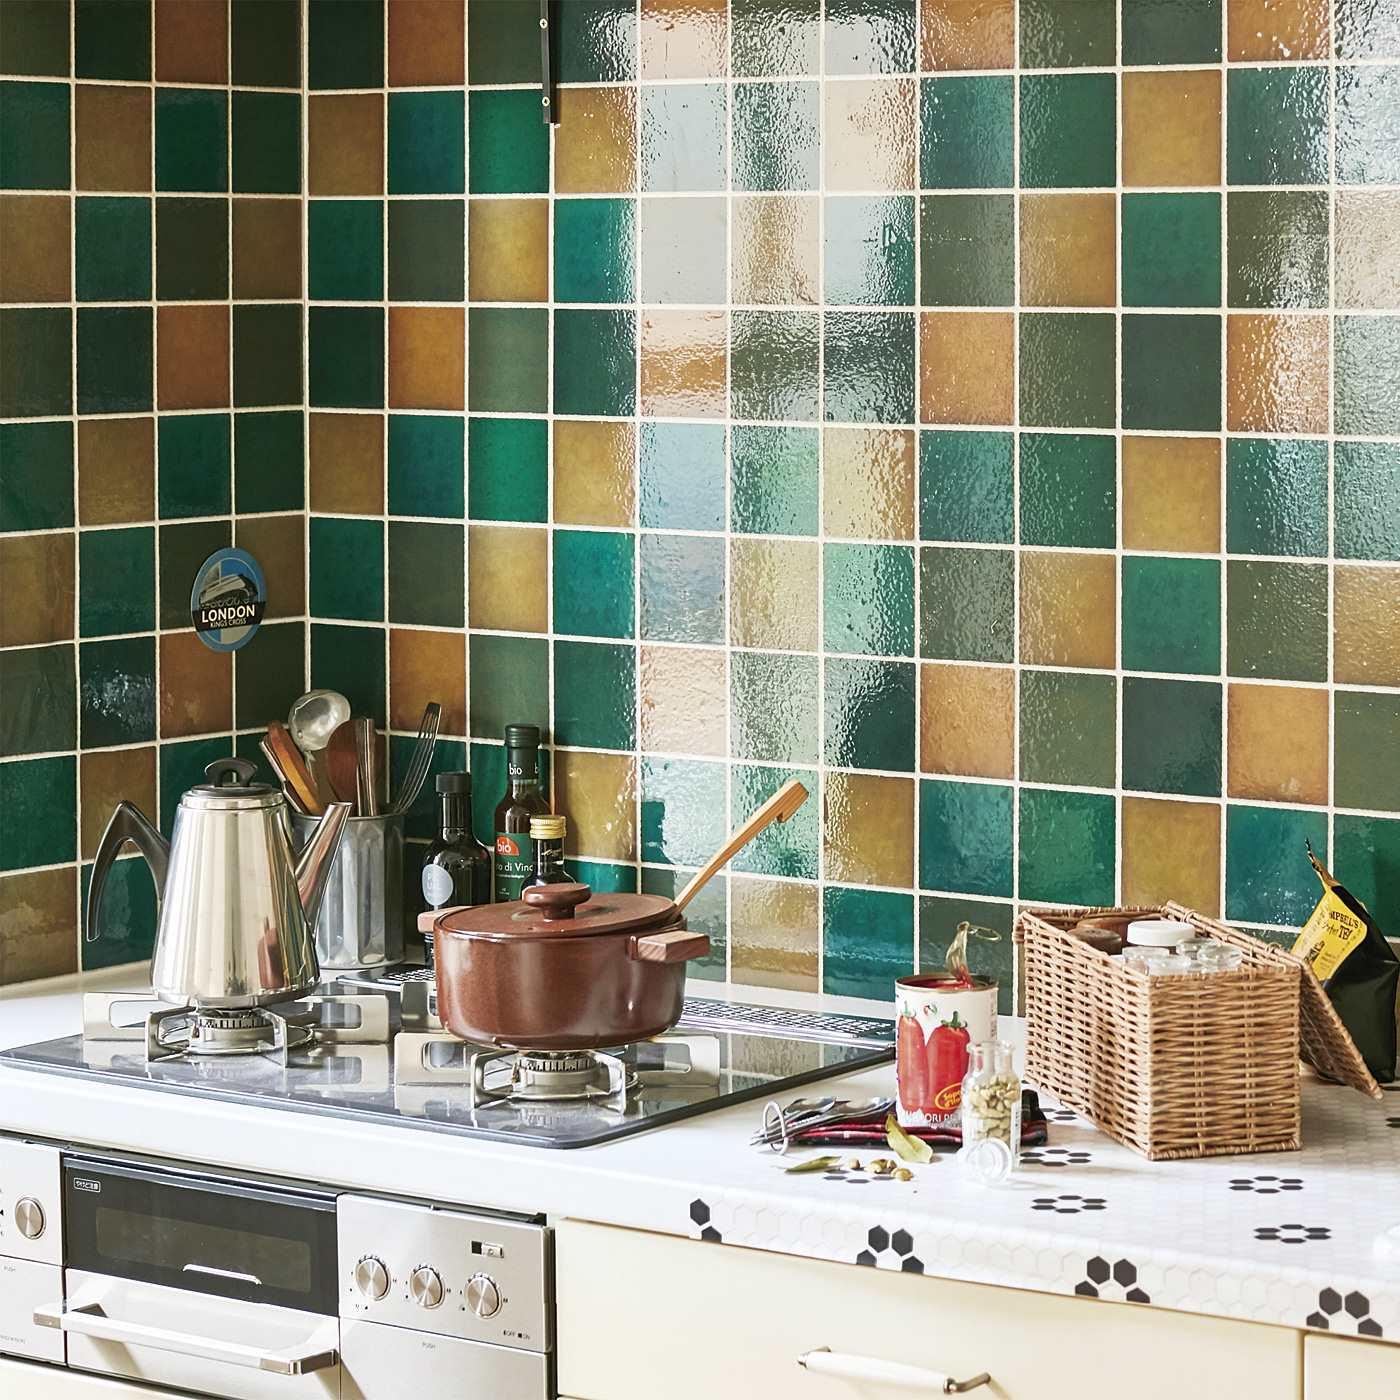 貼ってはがせて汚れがふき取りやすい 30cm角のスクエアタイル壁紙シール グリーン ベージュ の会 フェリシモ